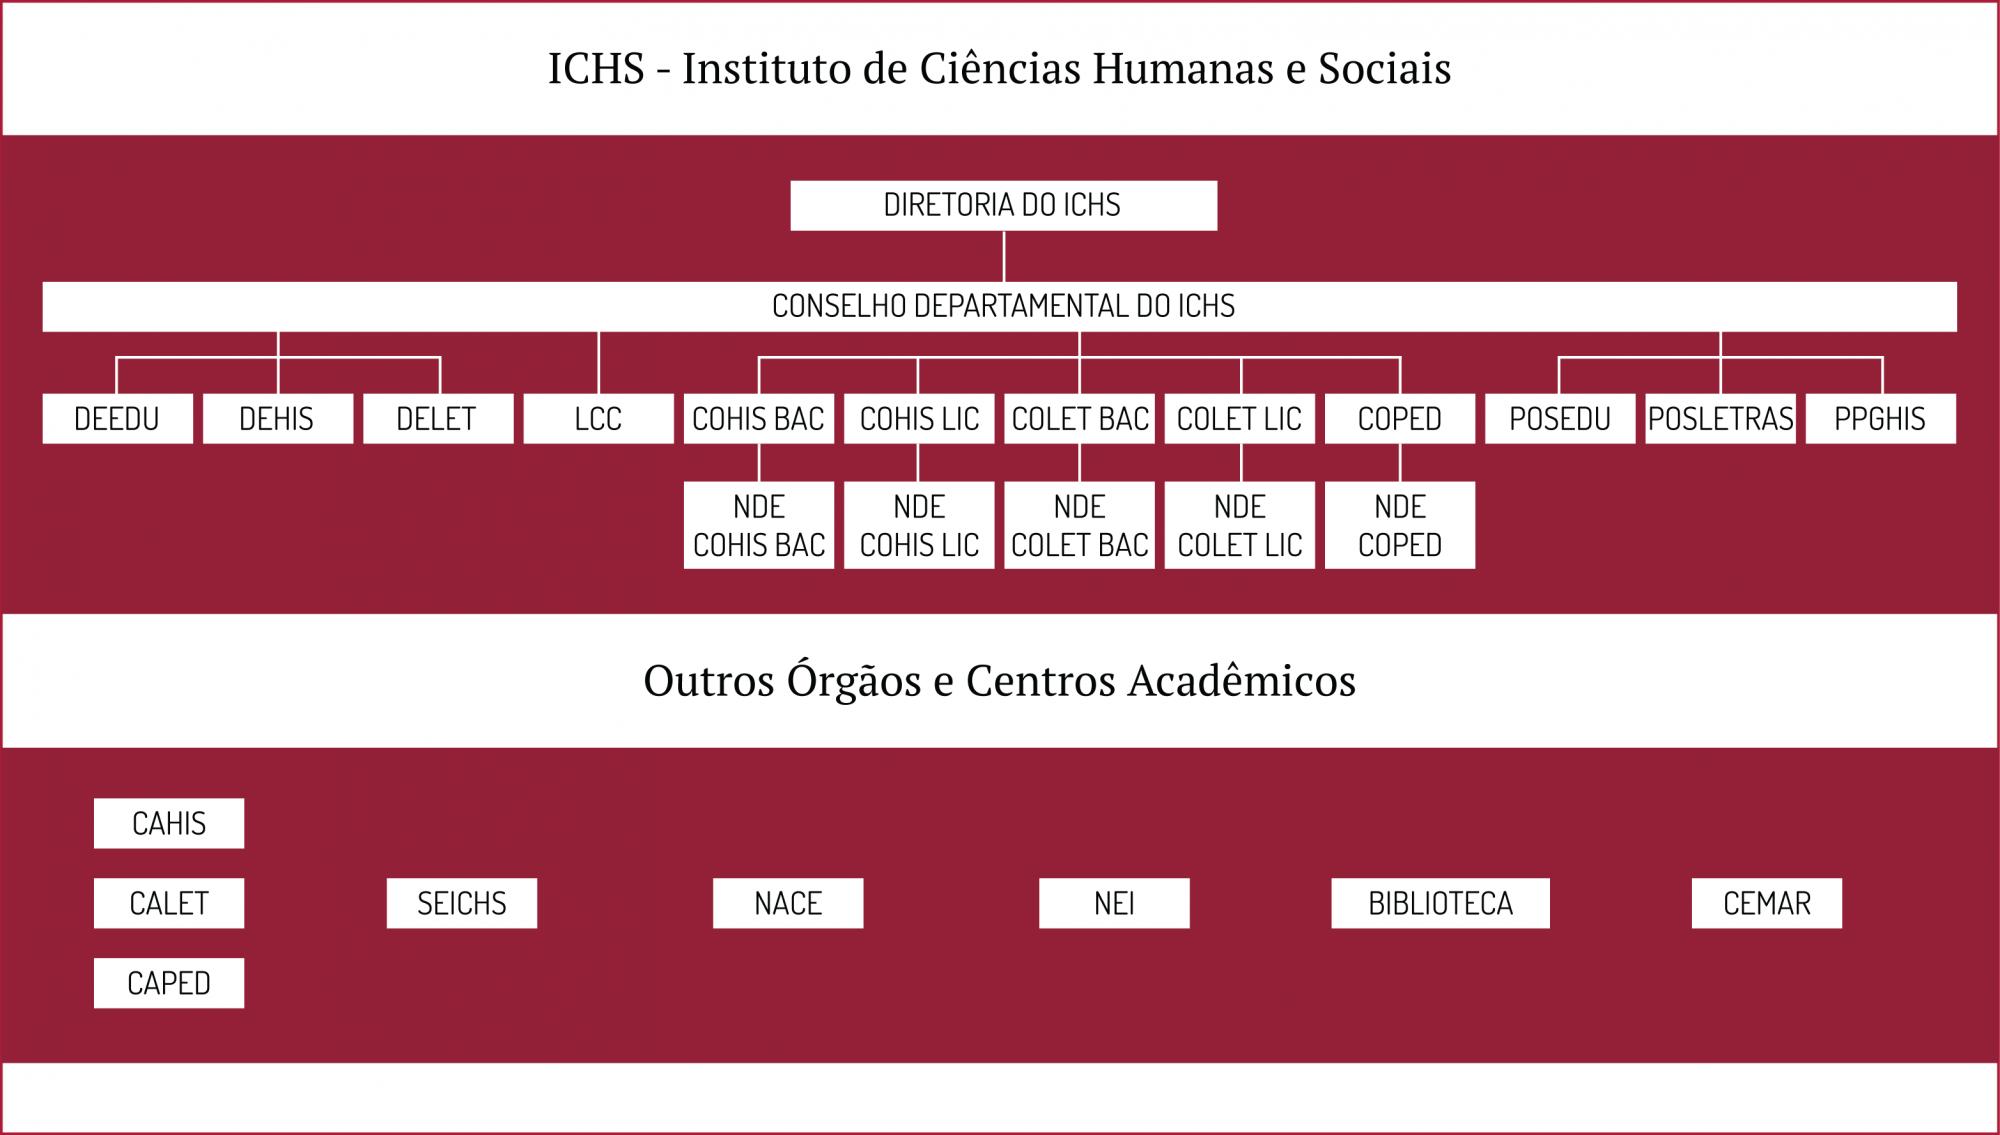 Estrutura Administrativa do ICHS